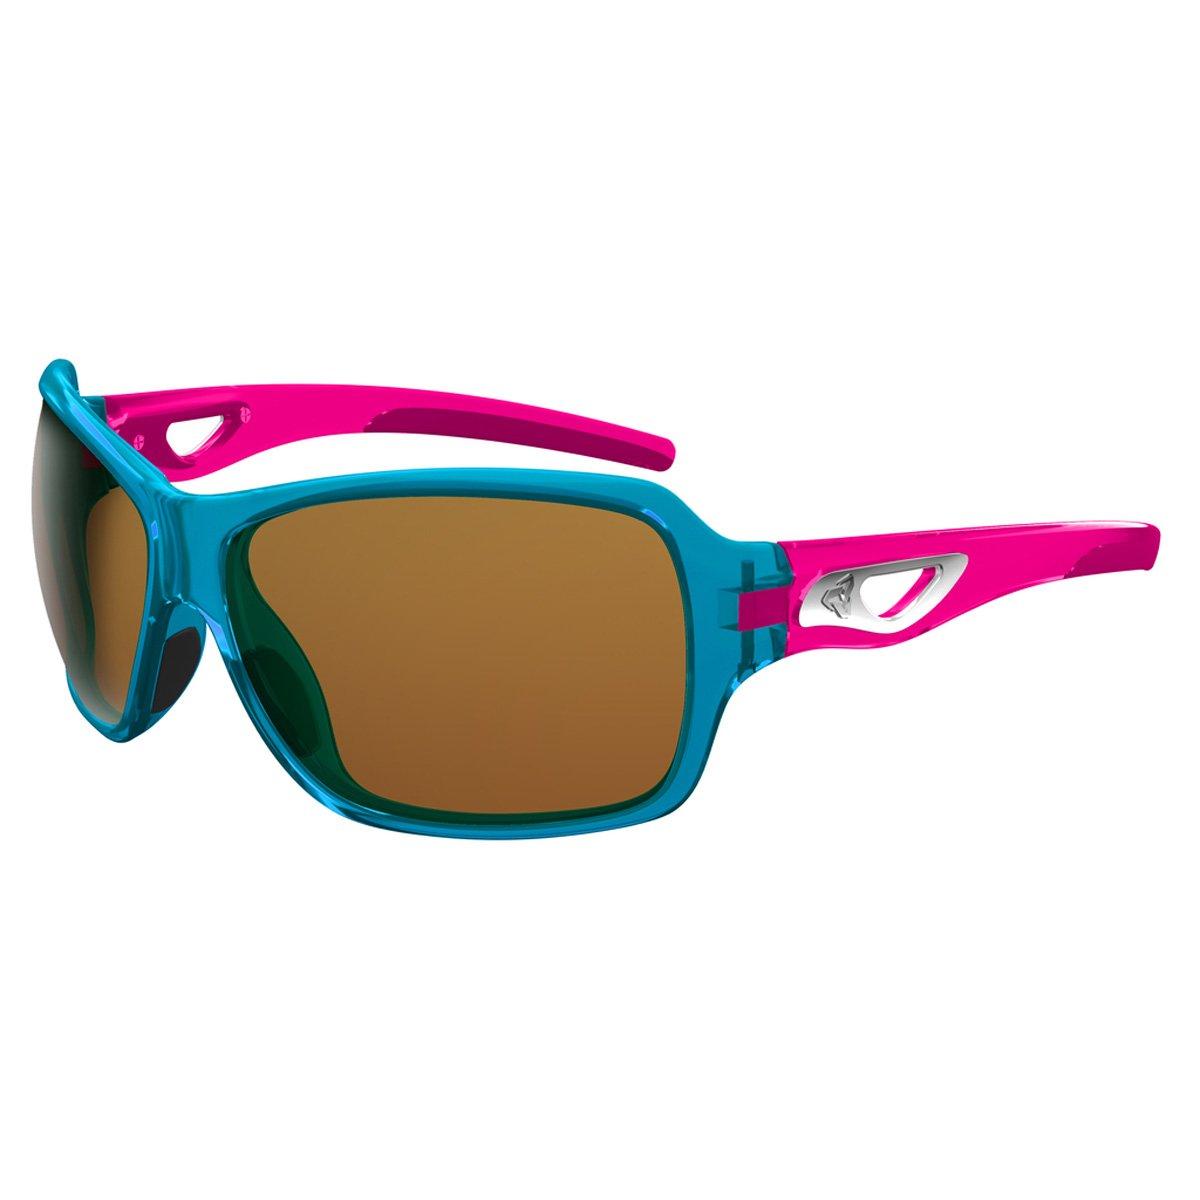 2019高い素材  Ryders Eyewear/ Carlitaサングラス B01E81CMHK Ryders BROWN XTAL BROWN/ BROWN LENS GRADIENT BROWN XTAL/ BROWN LENS GRADIENT|ブラウン グラデーション 偏光, チョウヨウムラ:6132ec07 --- arianechie.dominiotemporario.com